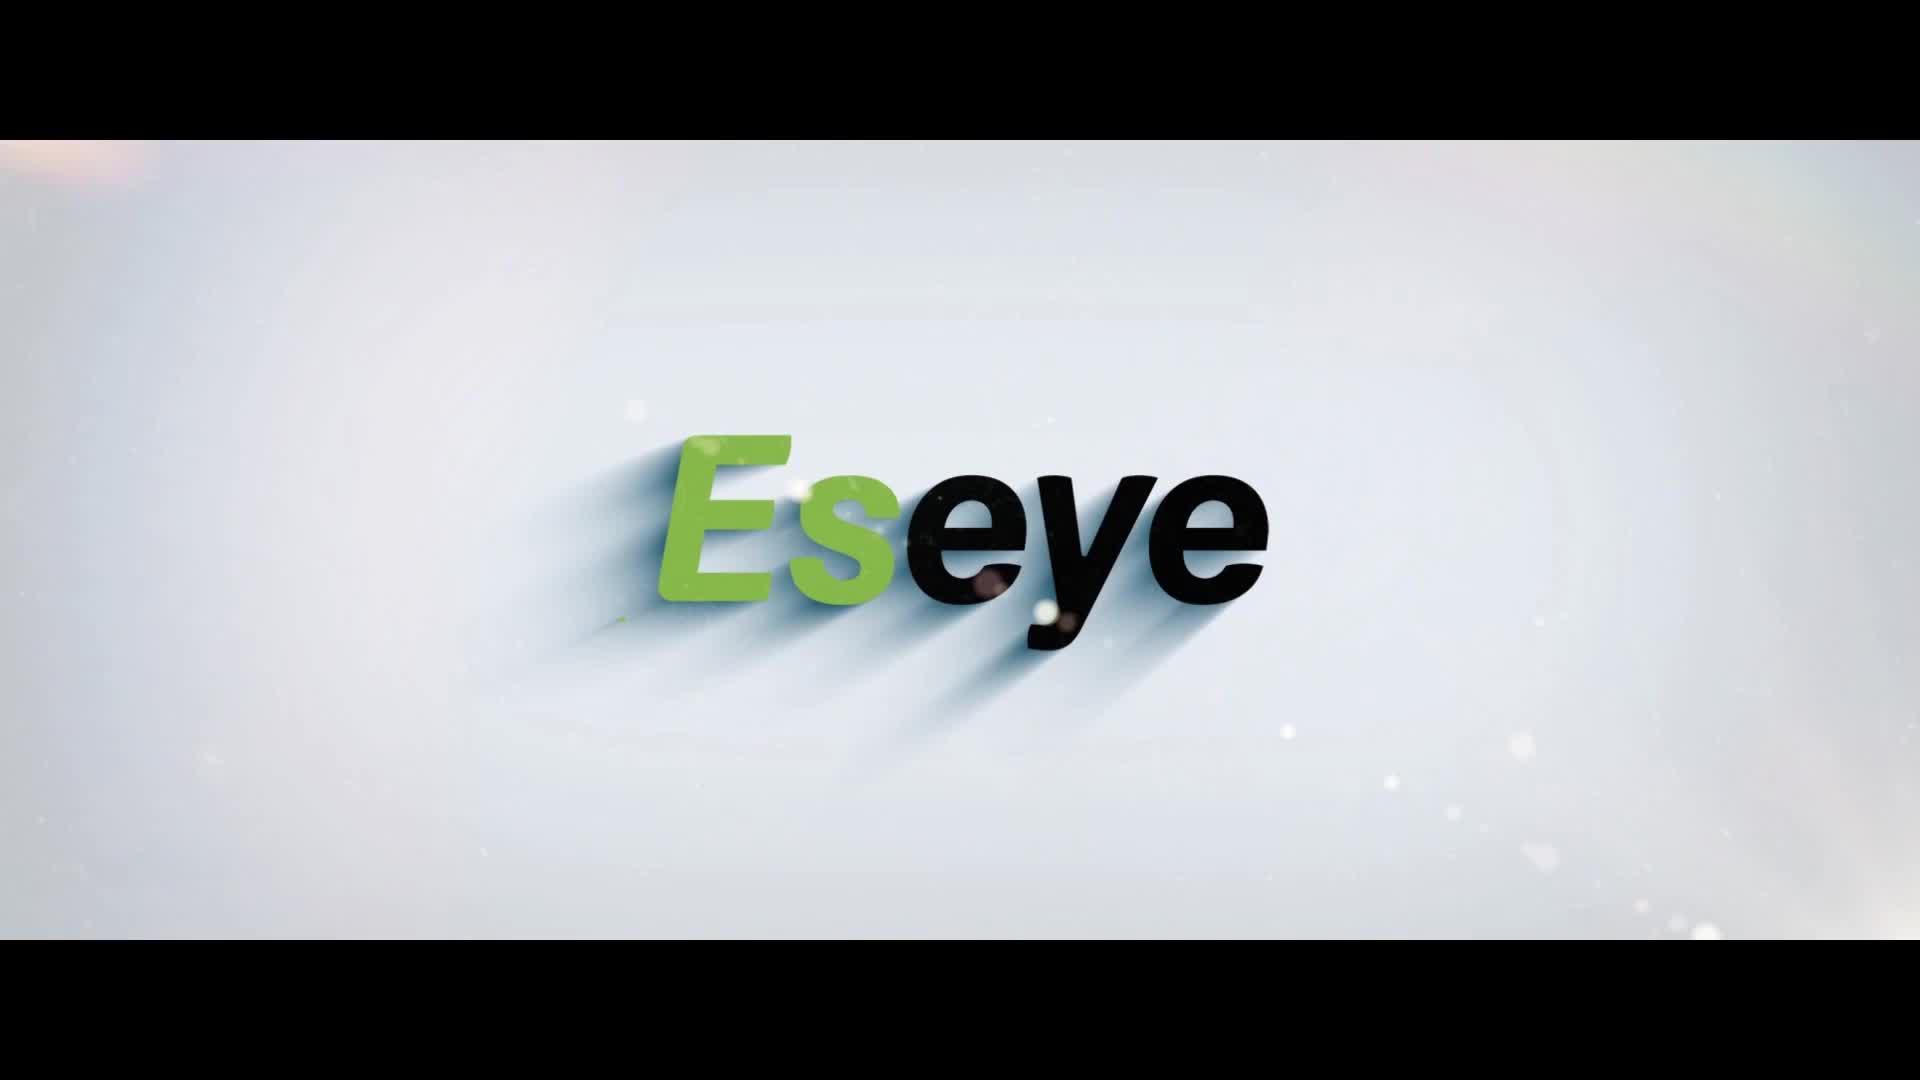 Eseye Open Loop 2.4 polegadas LCD a Cores de Impressão Digital Comparecimento Do Tempo RFID Sistema de Controle de Acesso